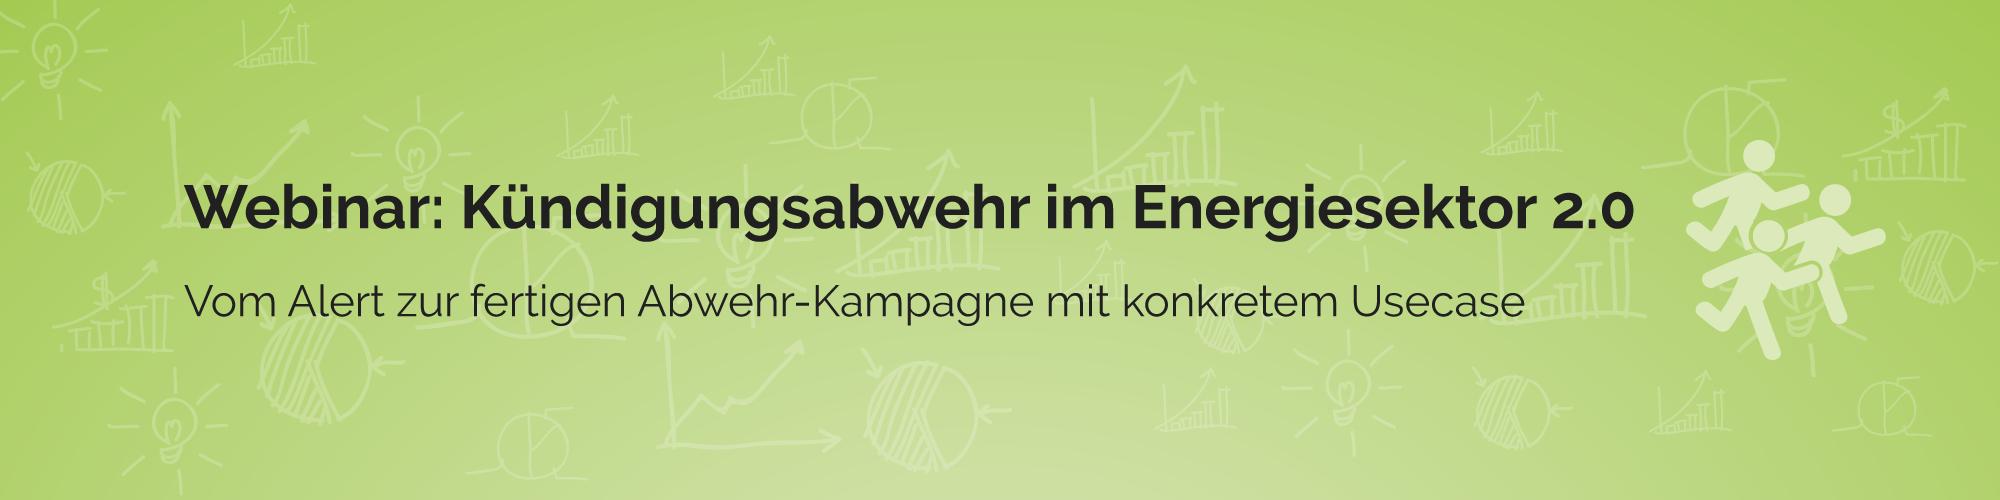 innoplexia-banner-webinar-homepage-kündigungsabwehr-2-2000x500.png